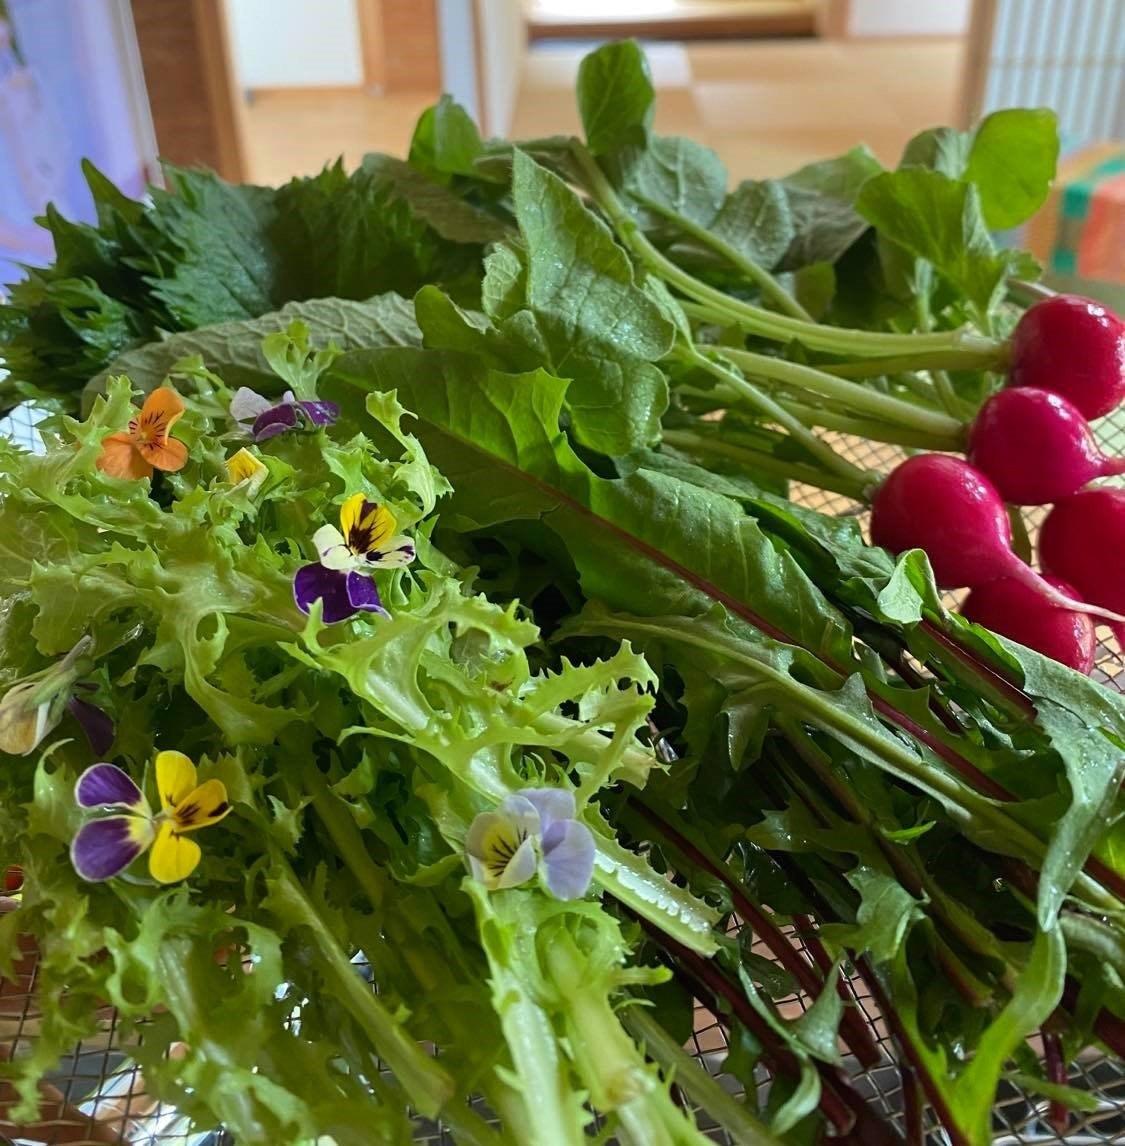 【事前予約者限定】『自然栽培の野菜を味わう試食会』 〜いただきます!大地の恵みと優しい食卓〜のイメージその3